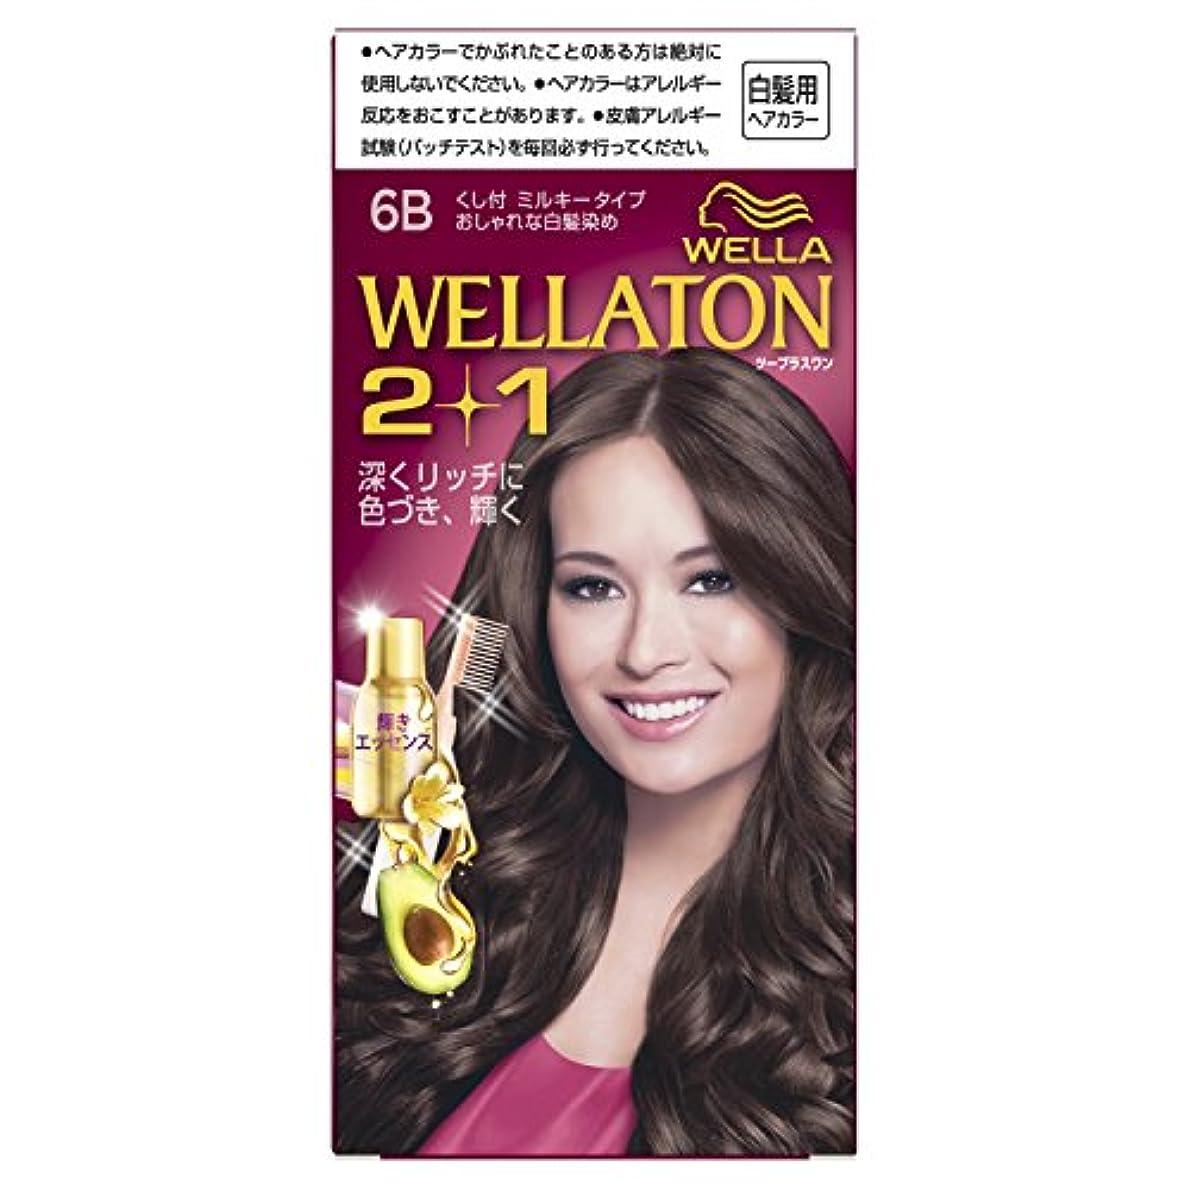 ウエラトーン2+1 くし付ミルキータイプ 6B [医薬部外品](おしゃれな白髪染め)